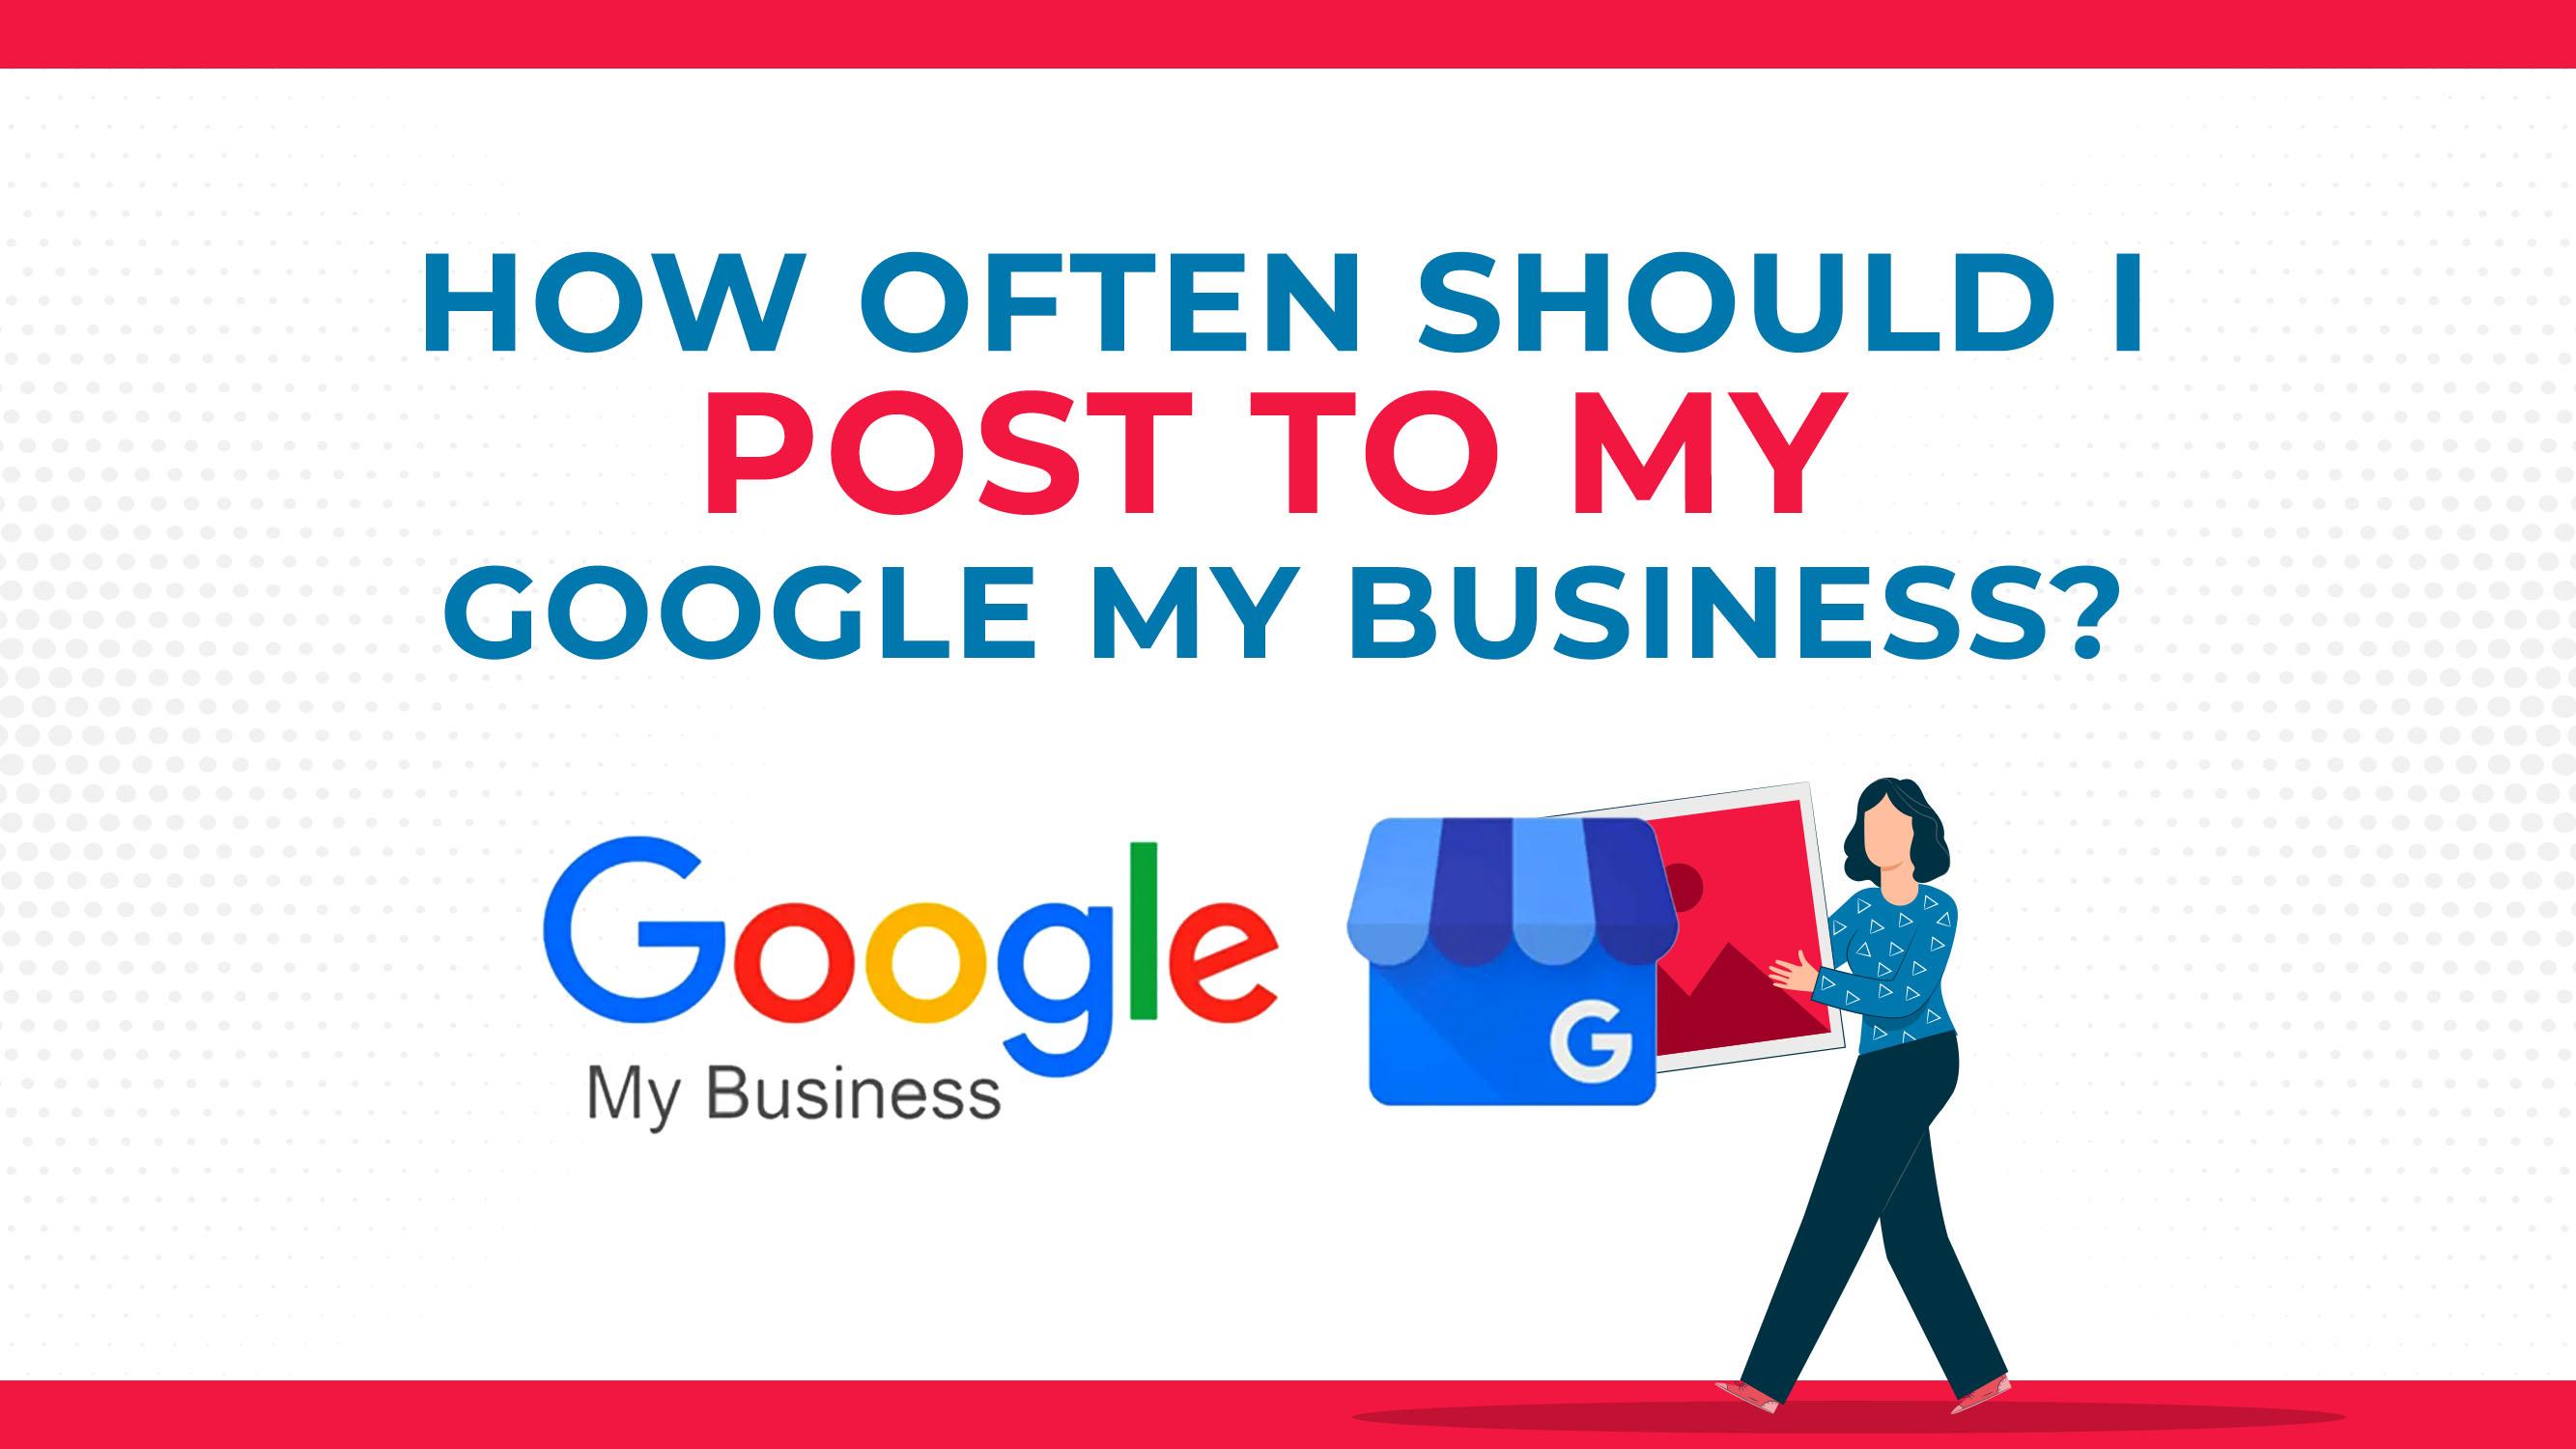 我应该多久在Google My Business上发布一次?